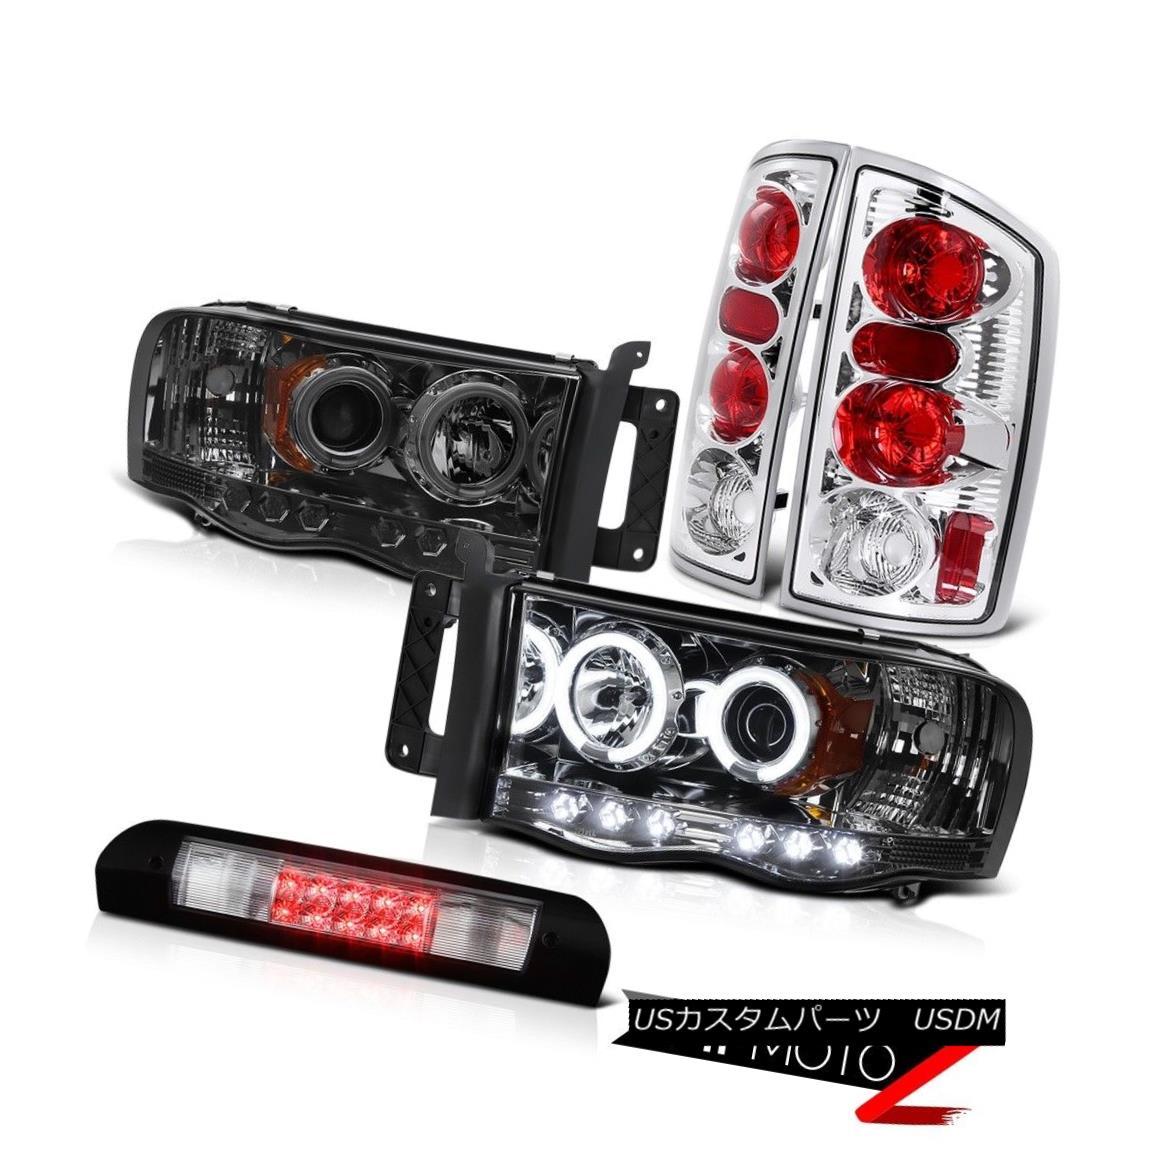 ヘッドライト Tinted CCFL Angel Eye Headlight Rear Tail Lights 3rd Cargo LED 02-05 Dodge Ram ティンテッドCCFLエンジェルアイヘッドライトリアテールライト3rdカーゴLED 02-05 Dodge Ram